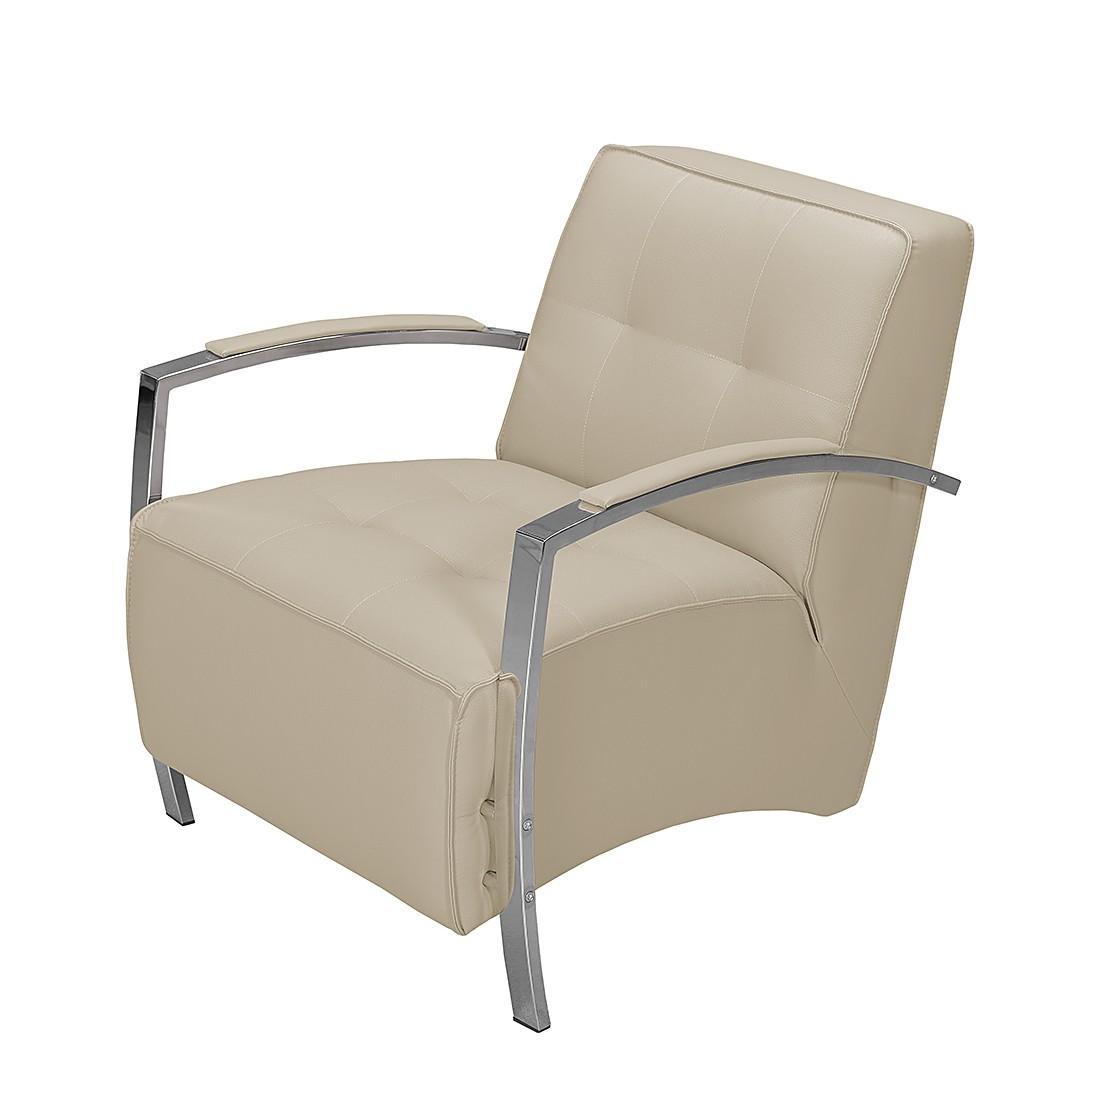 Sessel beige kunstleder g nstig kaufen for Sessel kunstleder